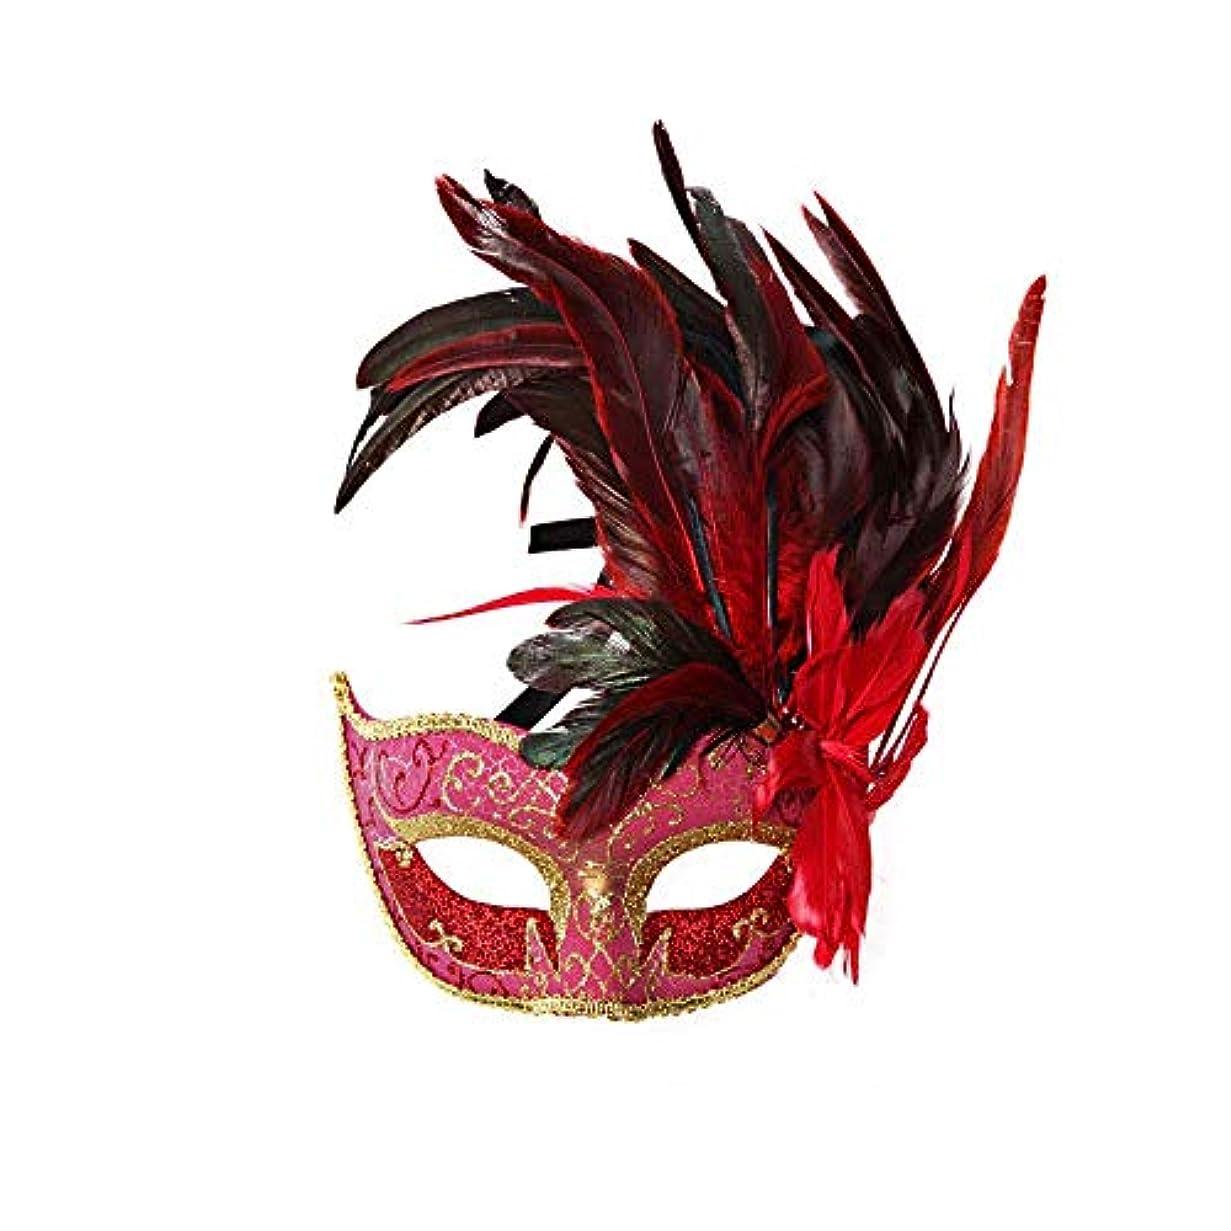 シャイニング雇ったにんじんNanle ハロウィンマスクハーフフェザーマスクベニスプリンセスマスク美容レース仮面ライダーコスプレ (色 : Style A red)